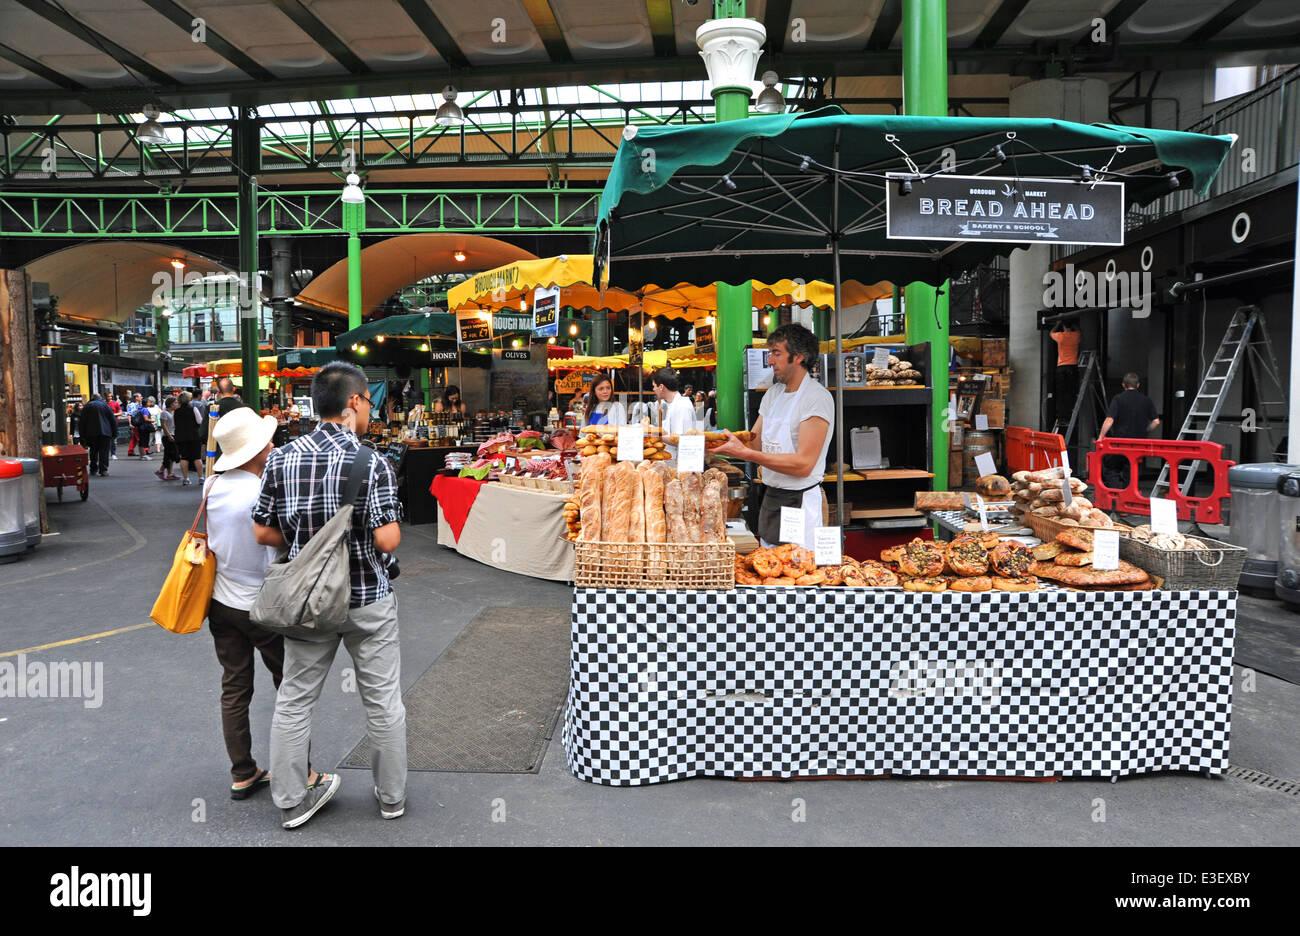 London Borough Market UK - Stock Image